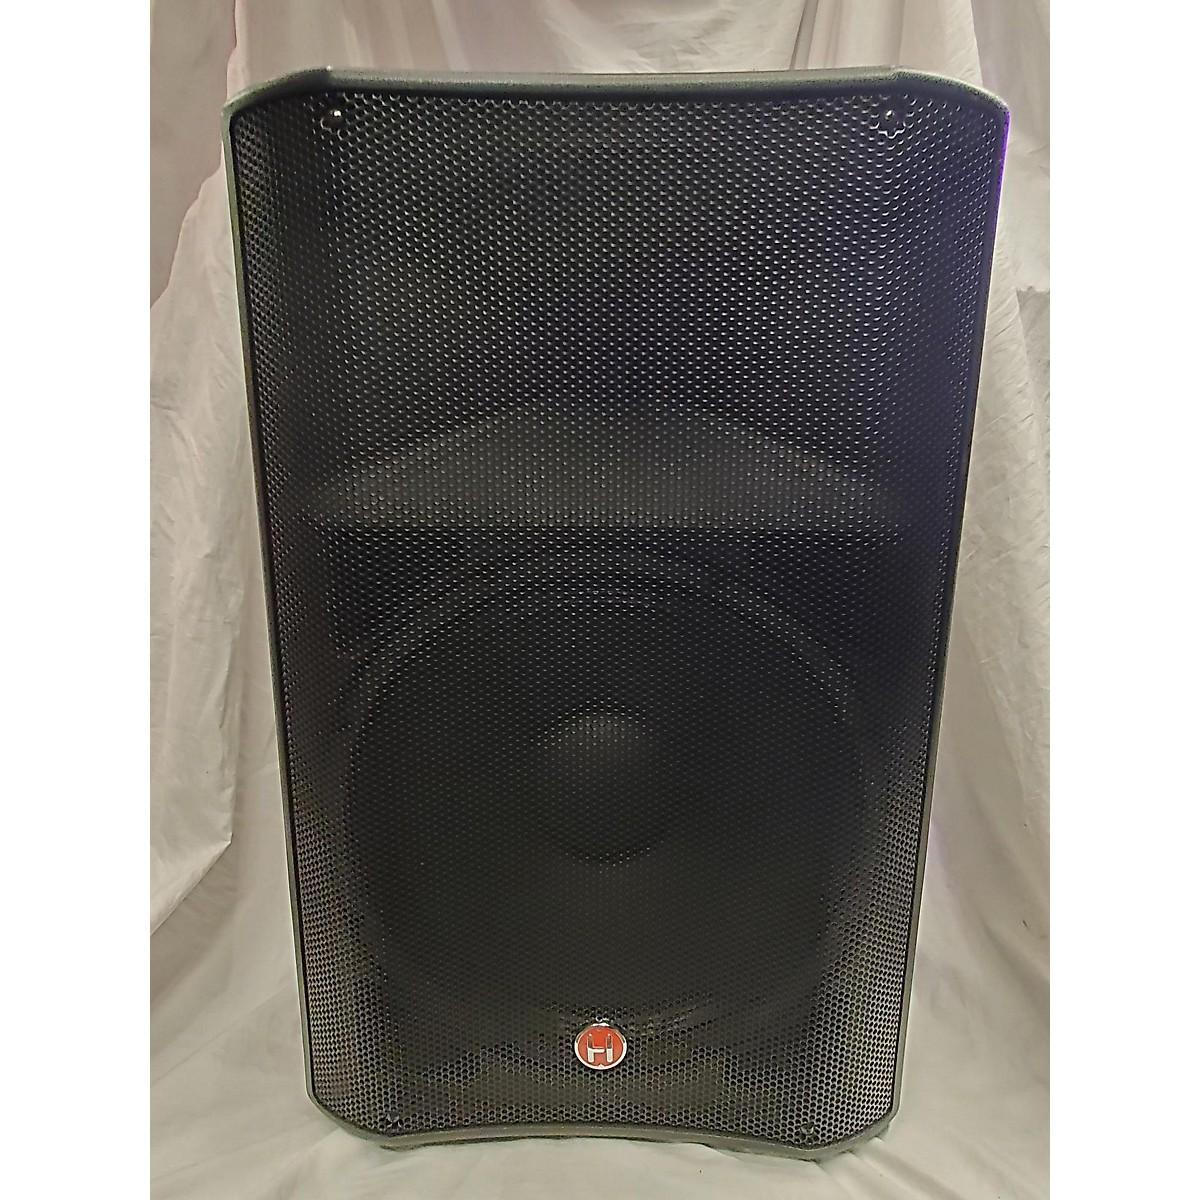 Harbinger Vari V2215 Powered Speaker